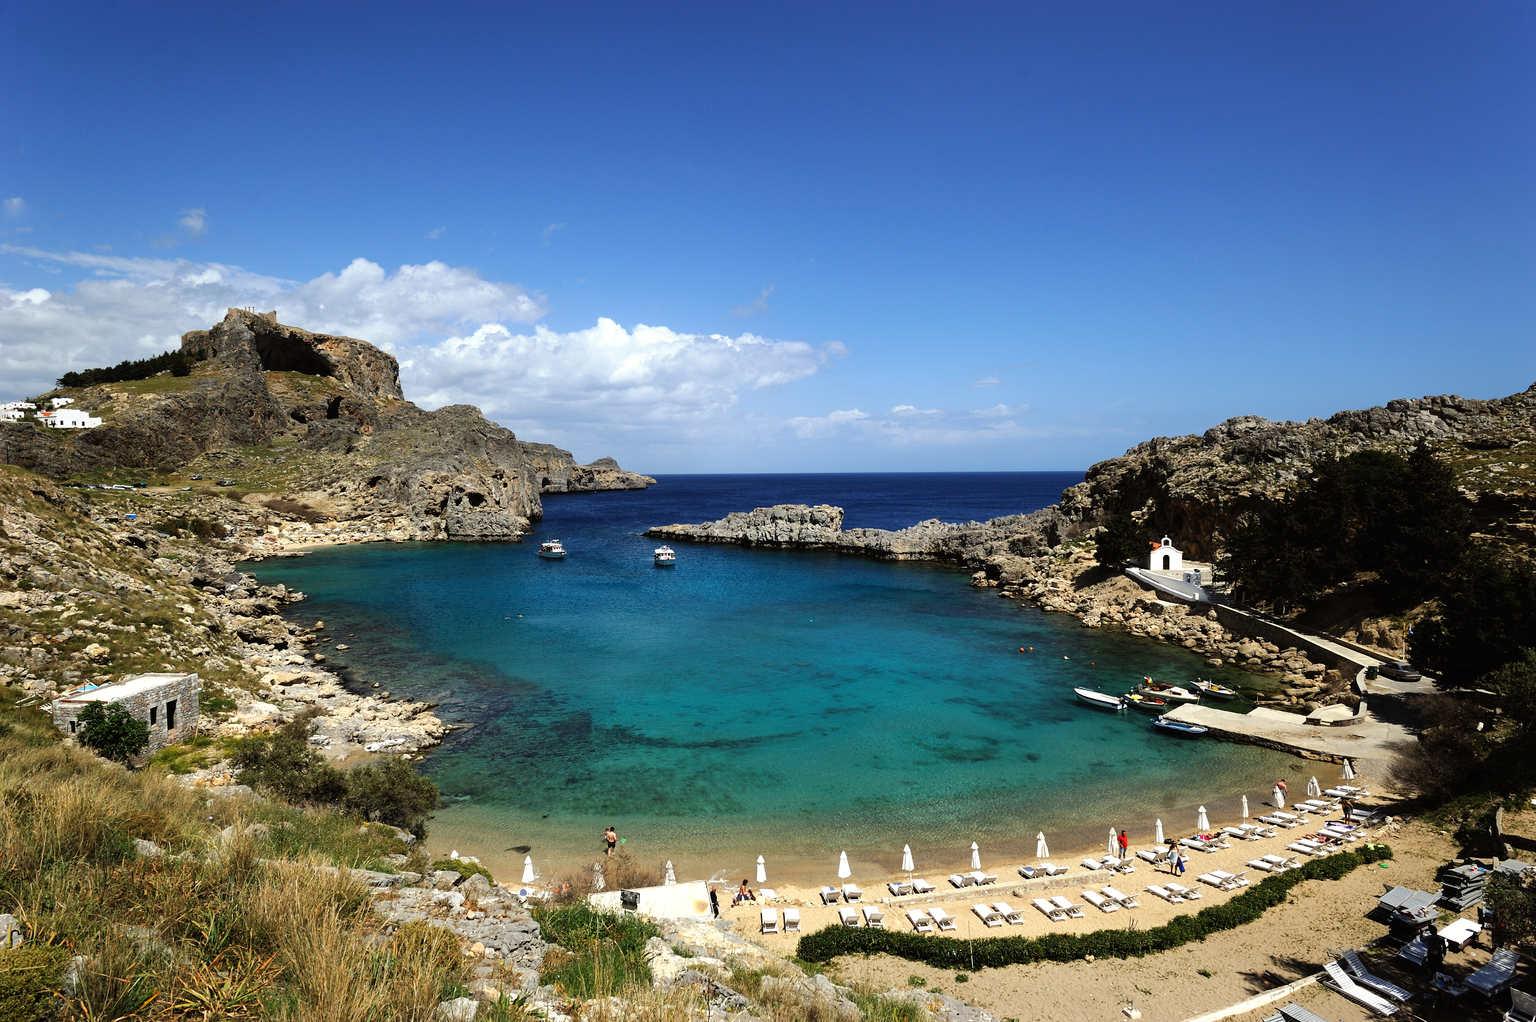 خليج القديس بولس